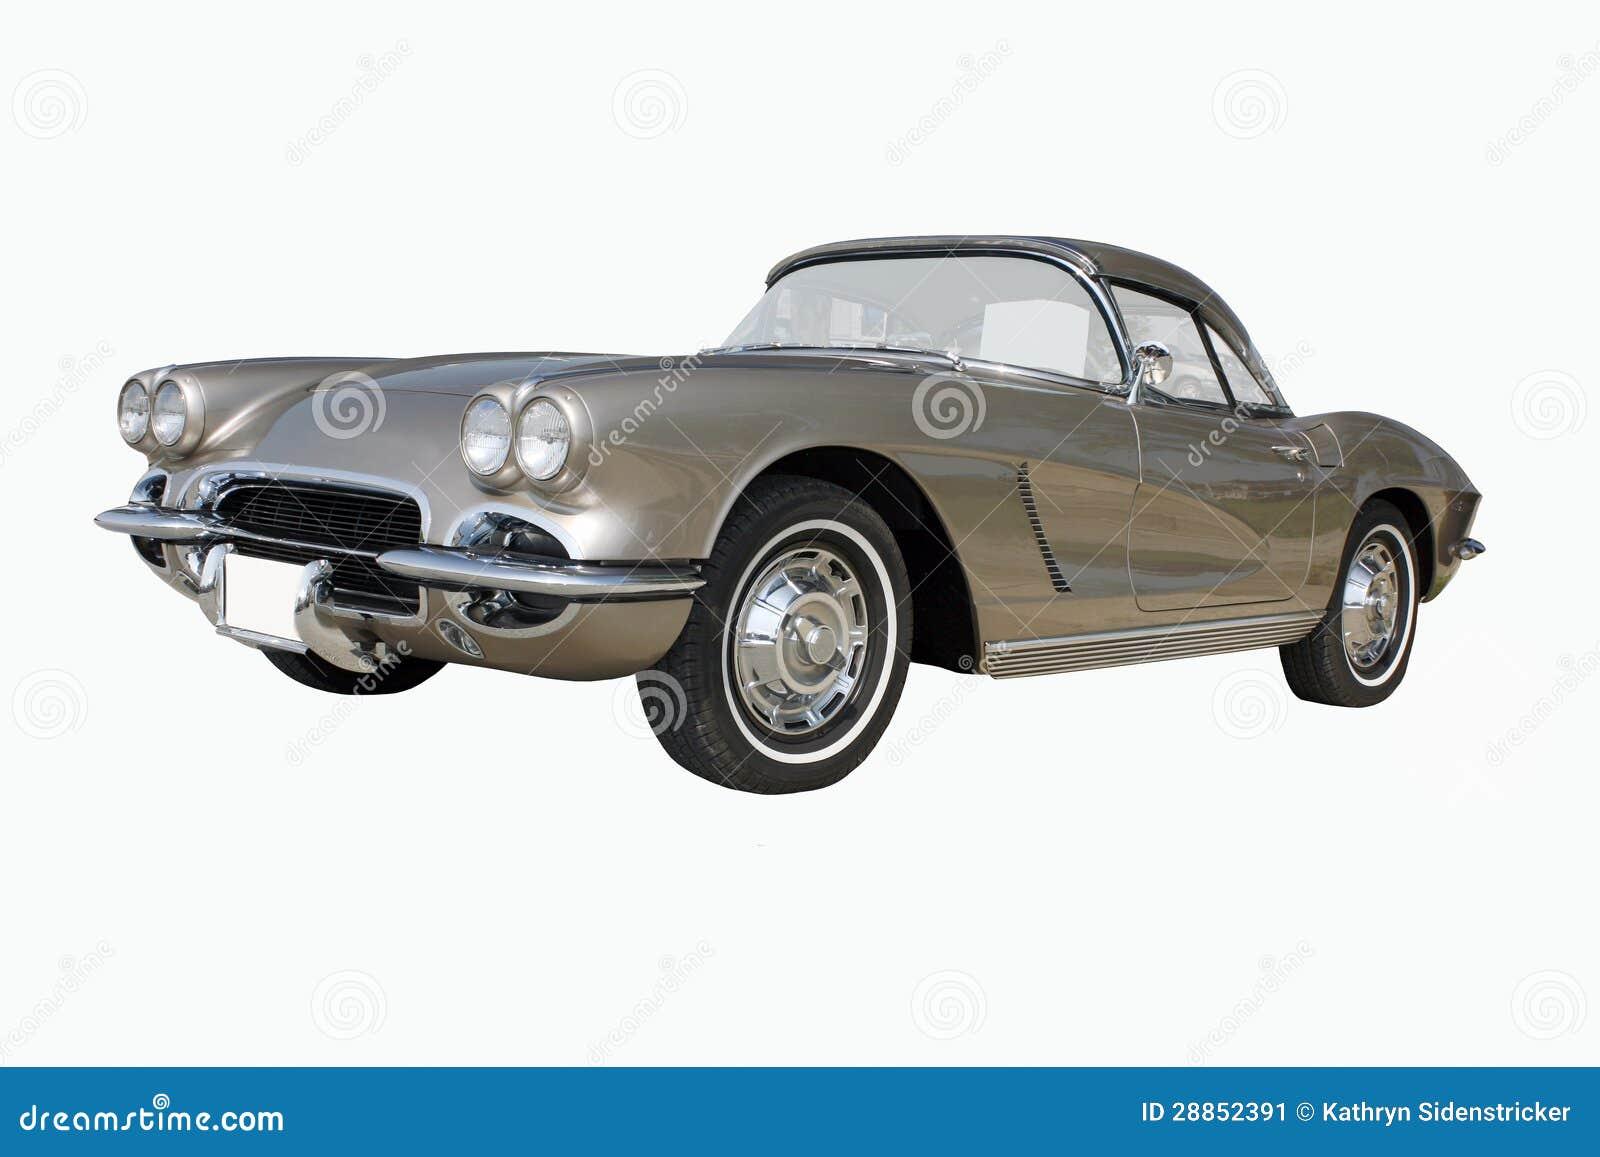 1962 Chevrolet Corvette Coupe